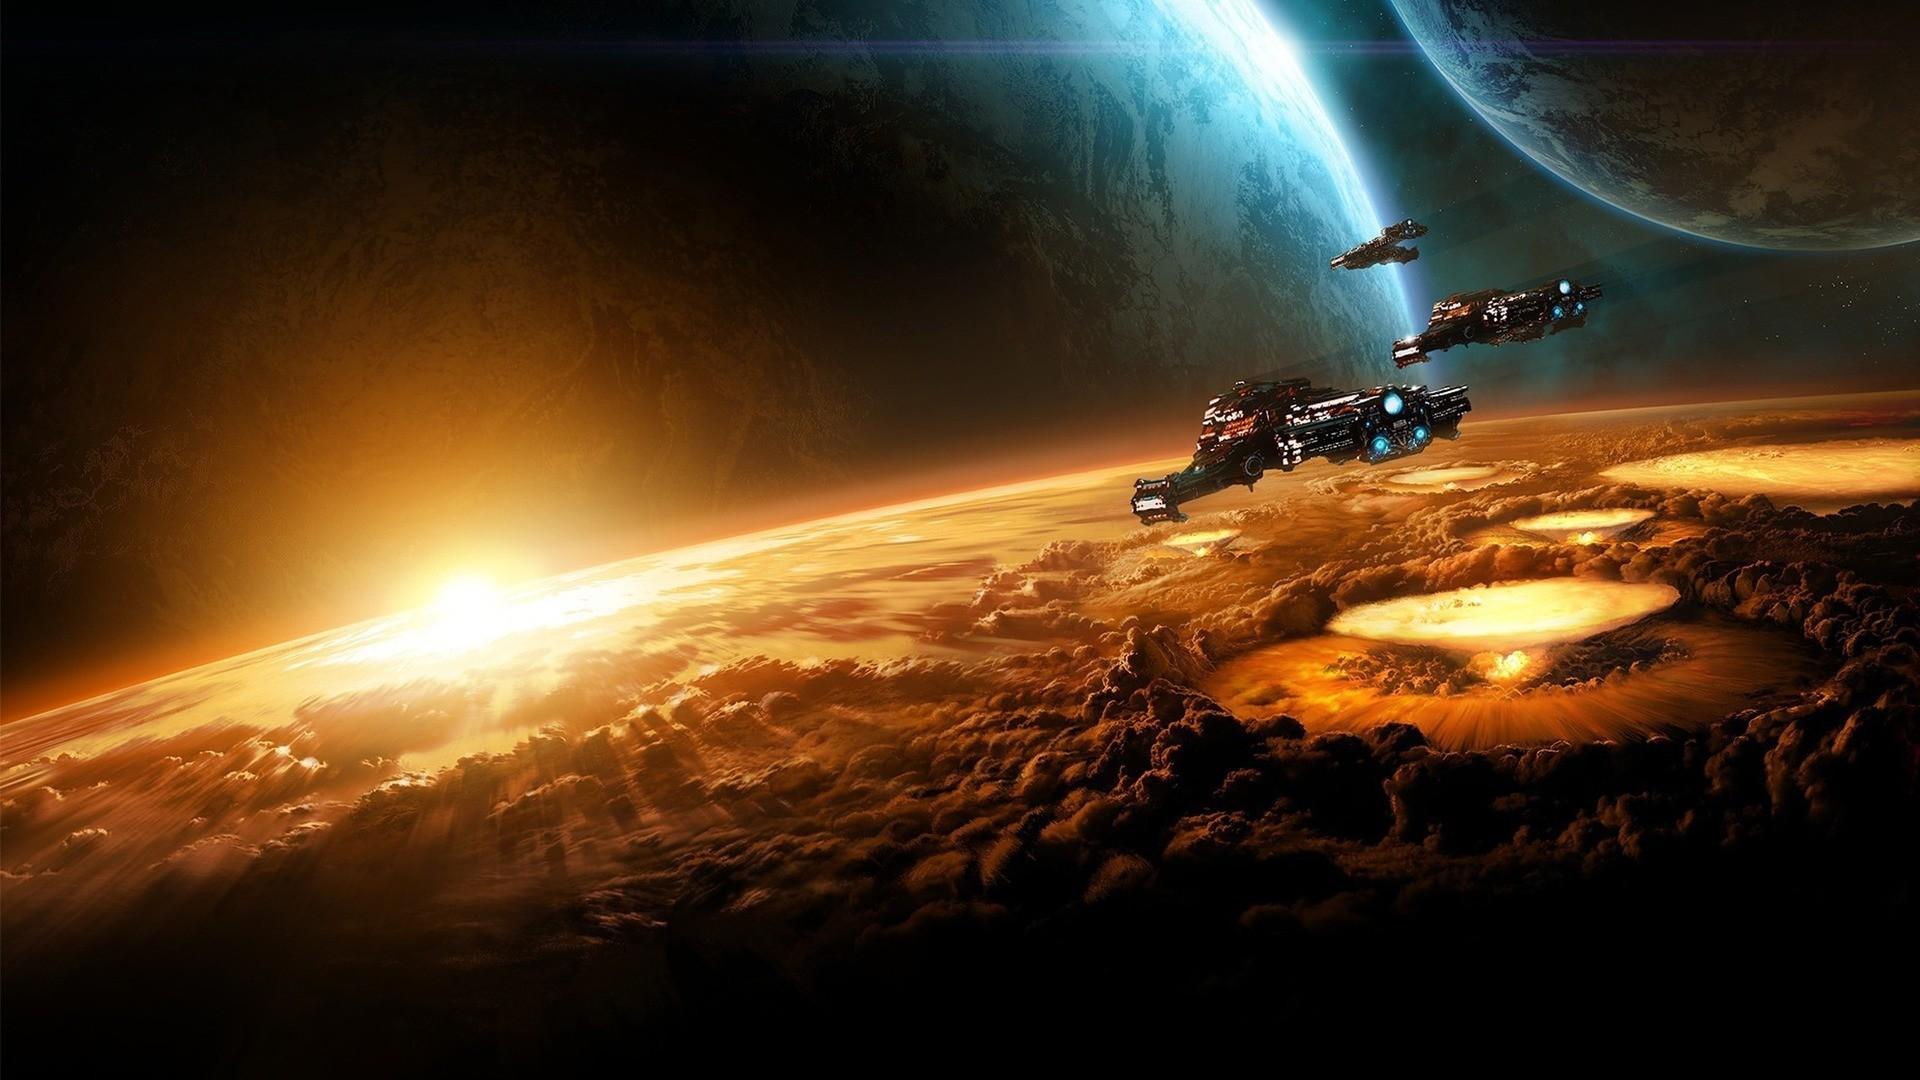 Sci Fi Sky Desktop Background